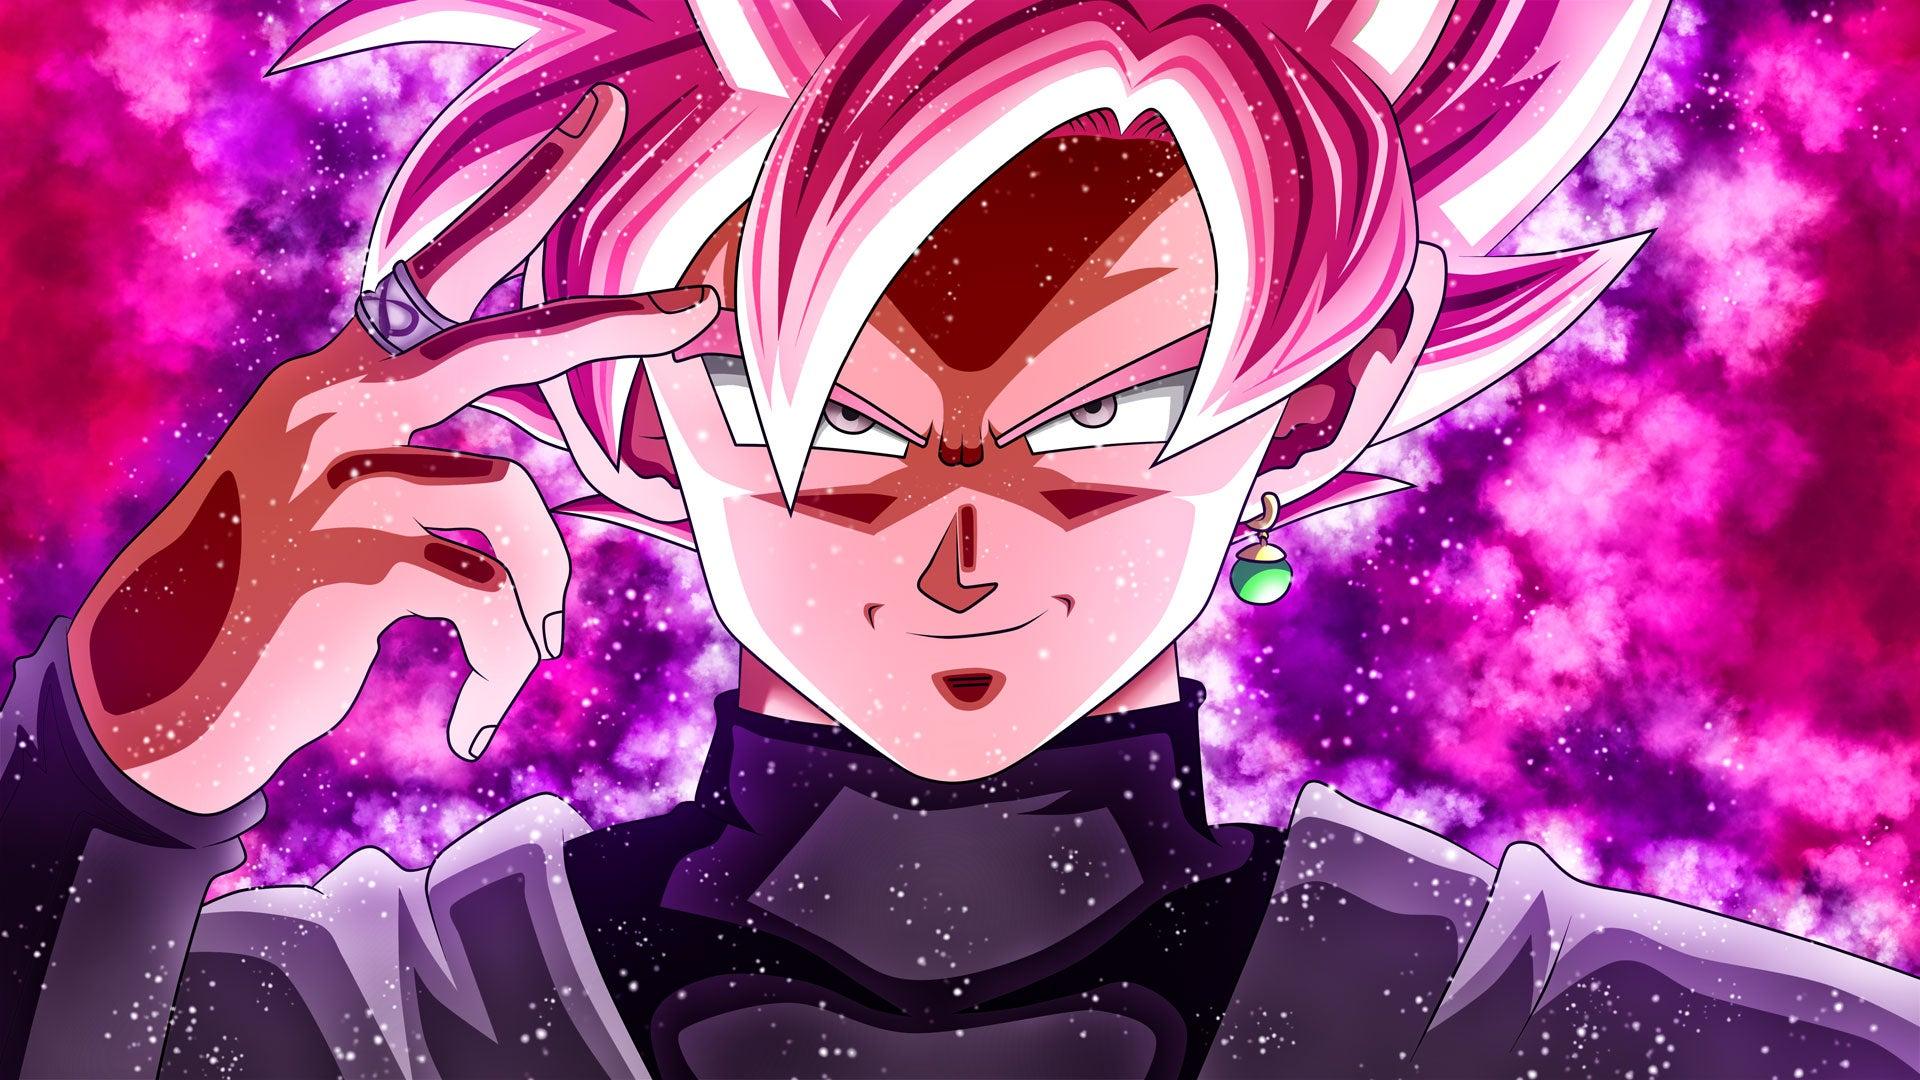 Goku rose